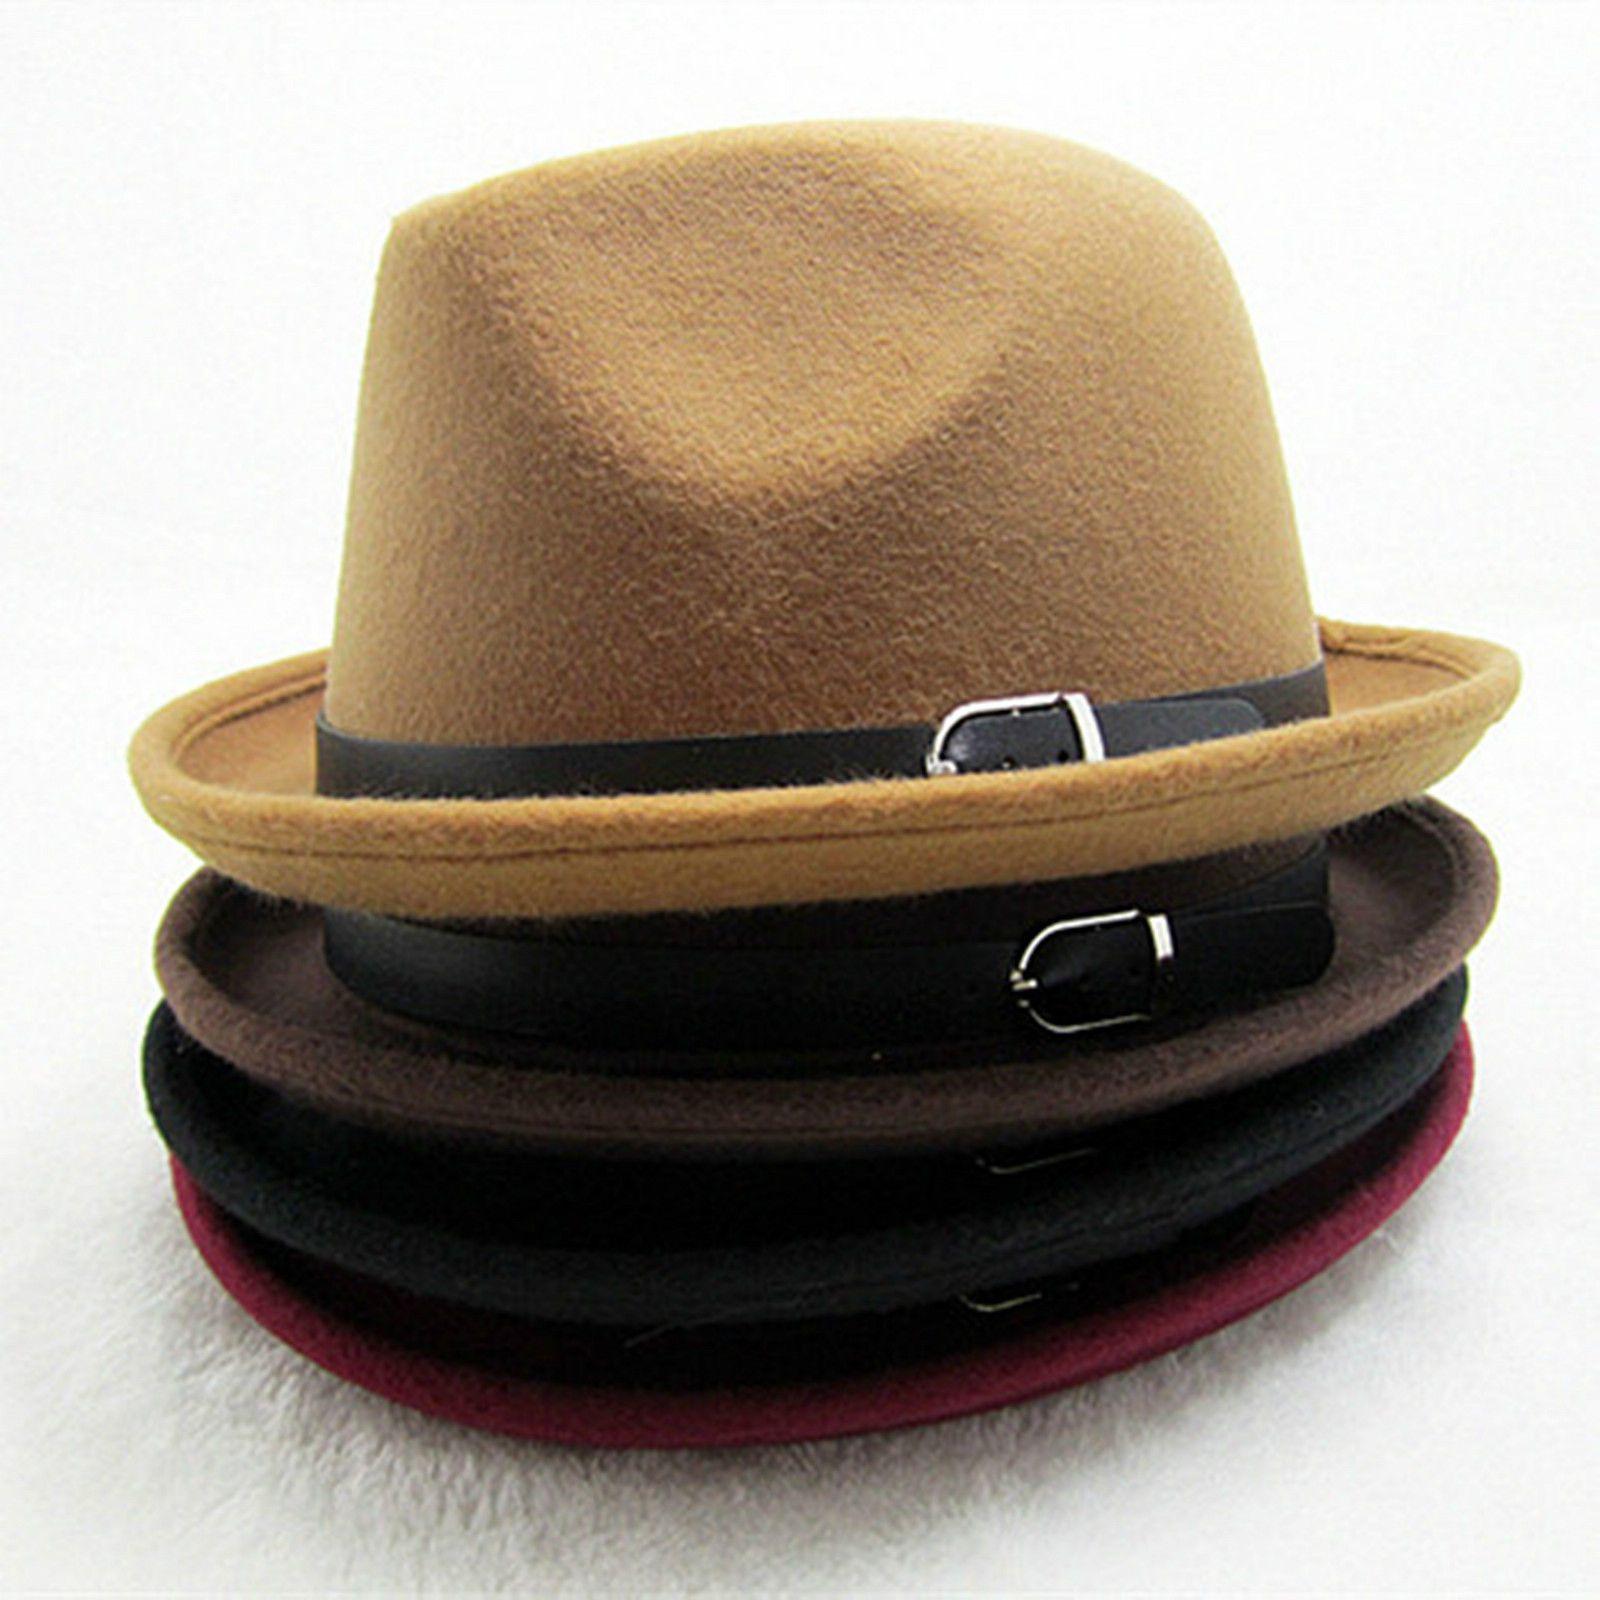 Sombreros de invierno eBay